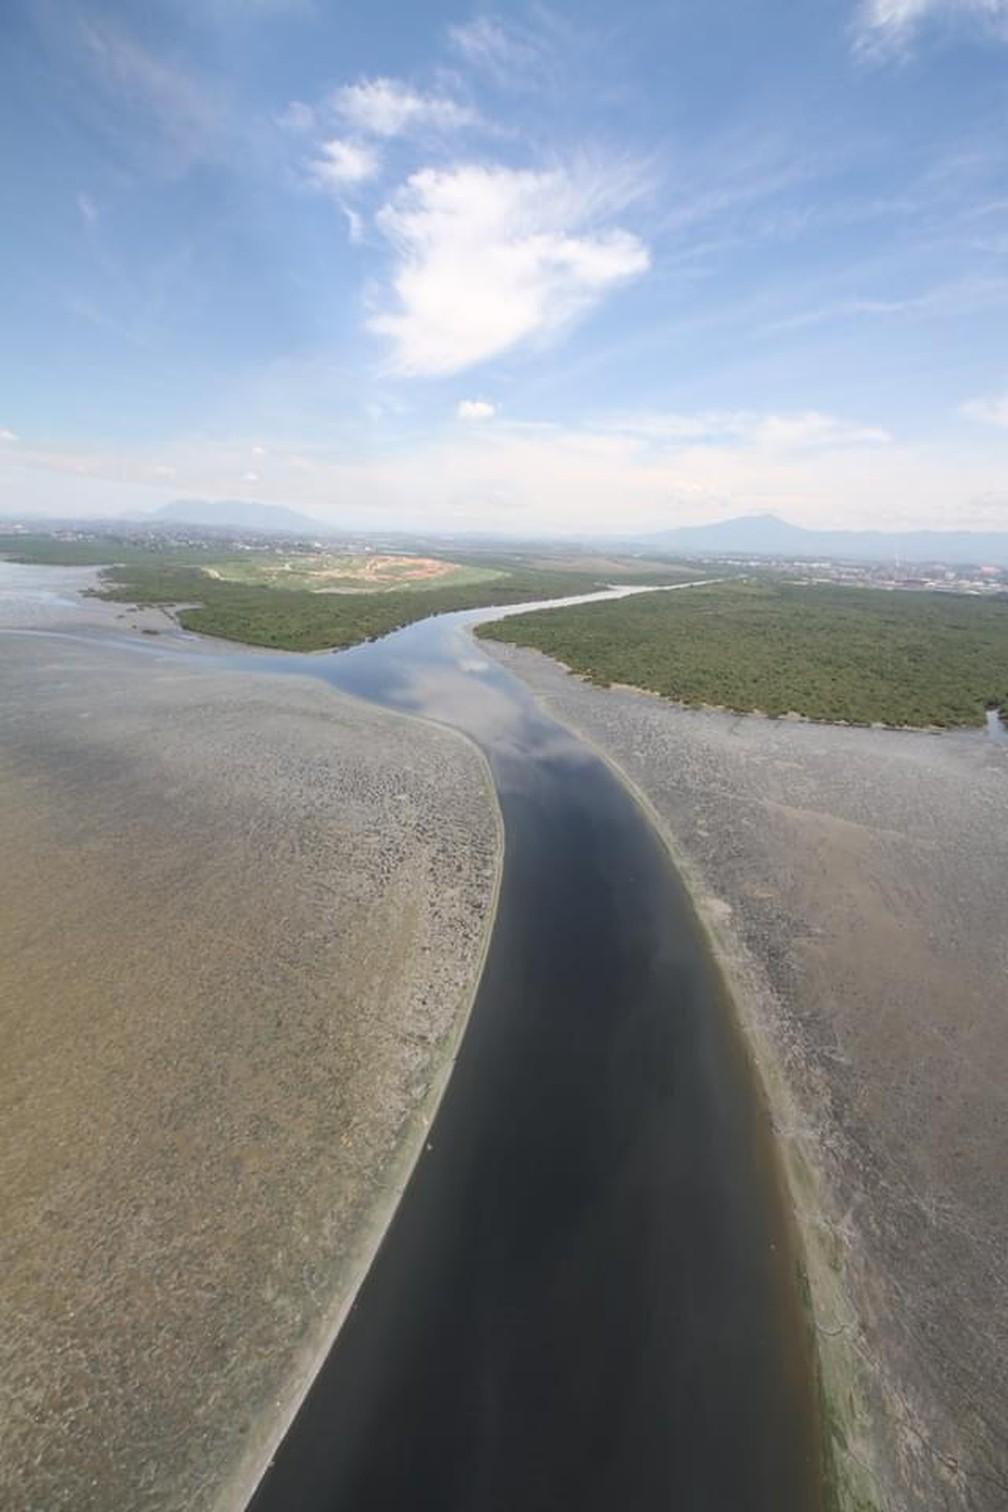 Despejo de detritos na Baía de Guanabara pode favorecer a ocorrência de enchentes no Rio. — Foto: OLHOVERDE/ Mário Moscatelli